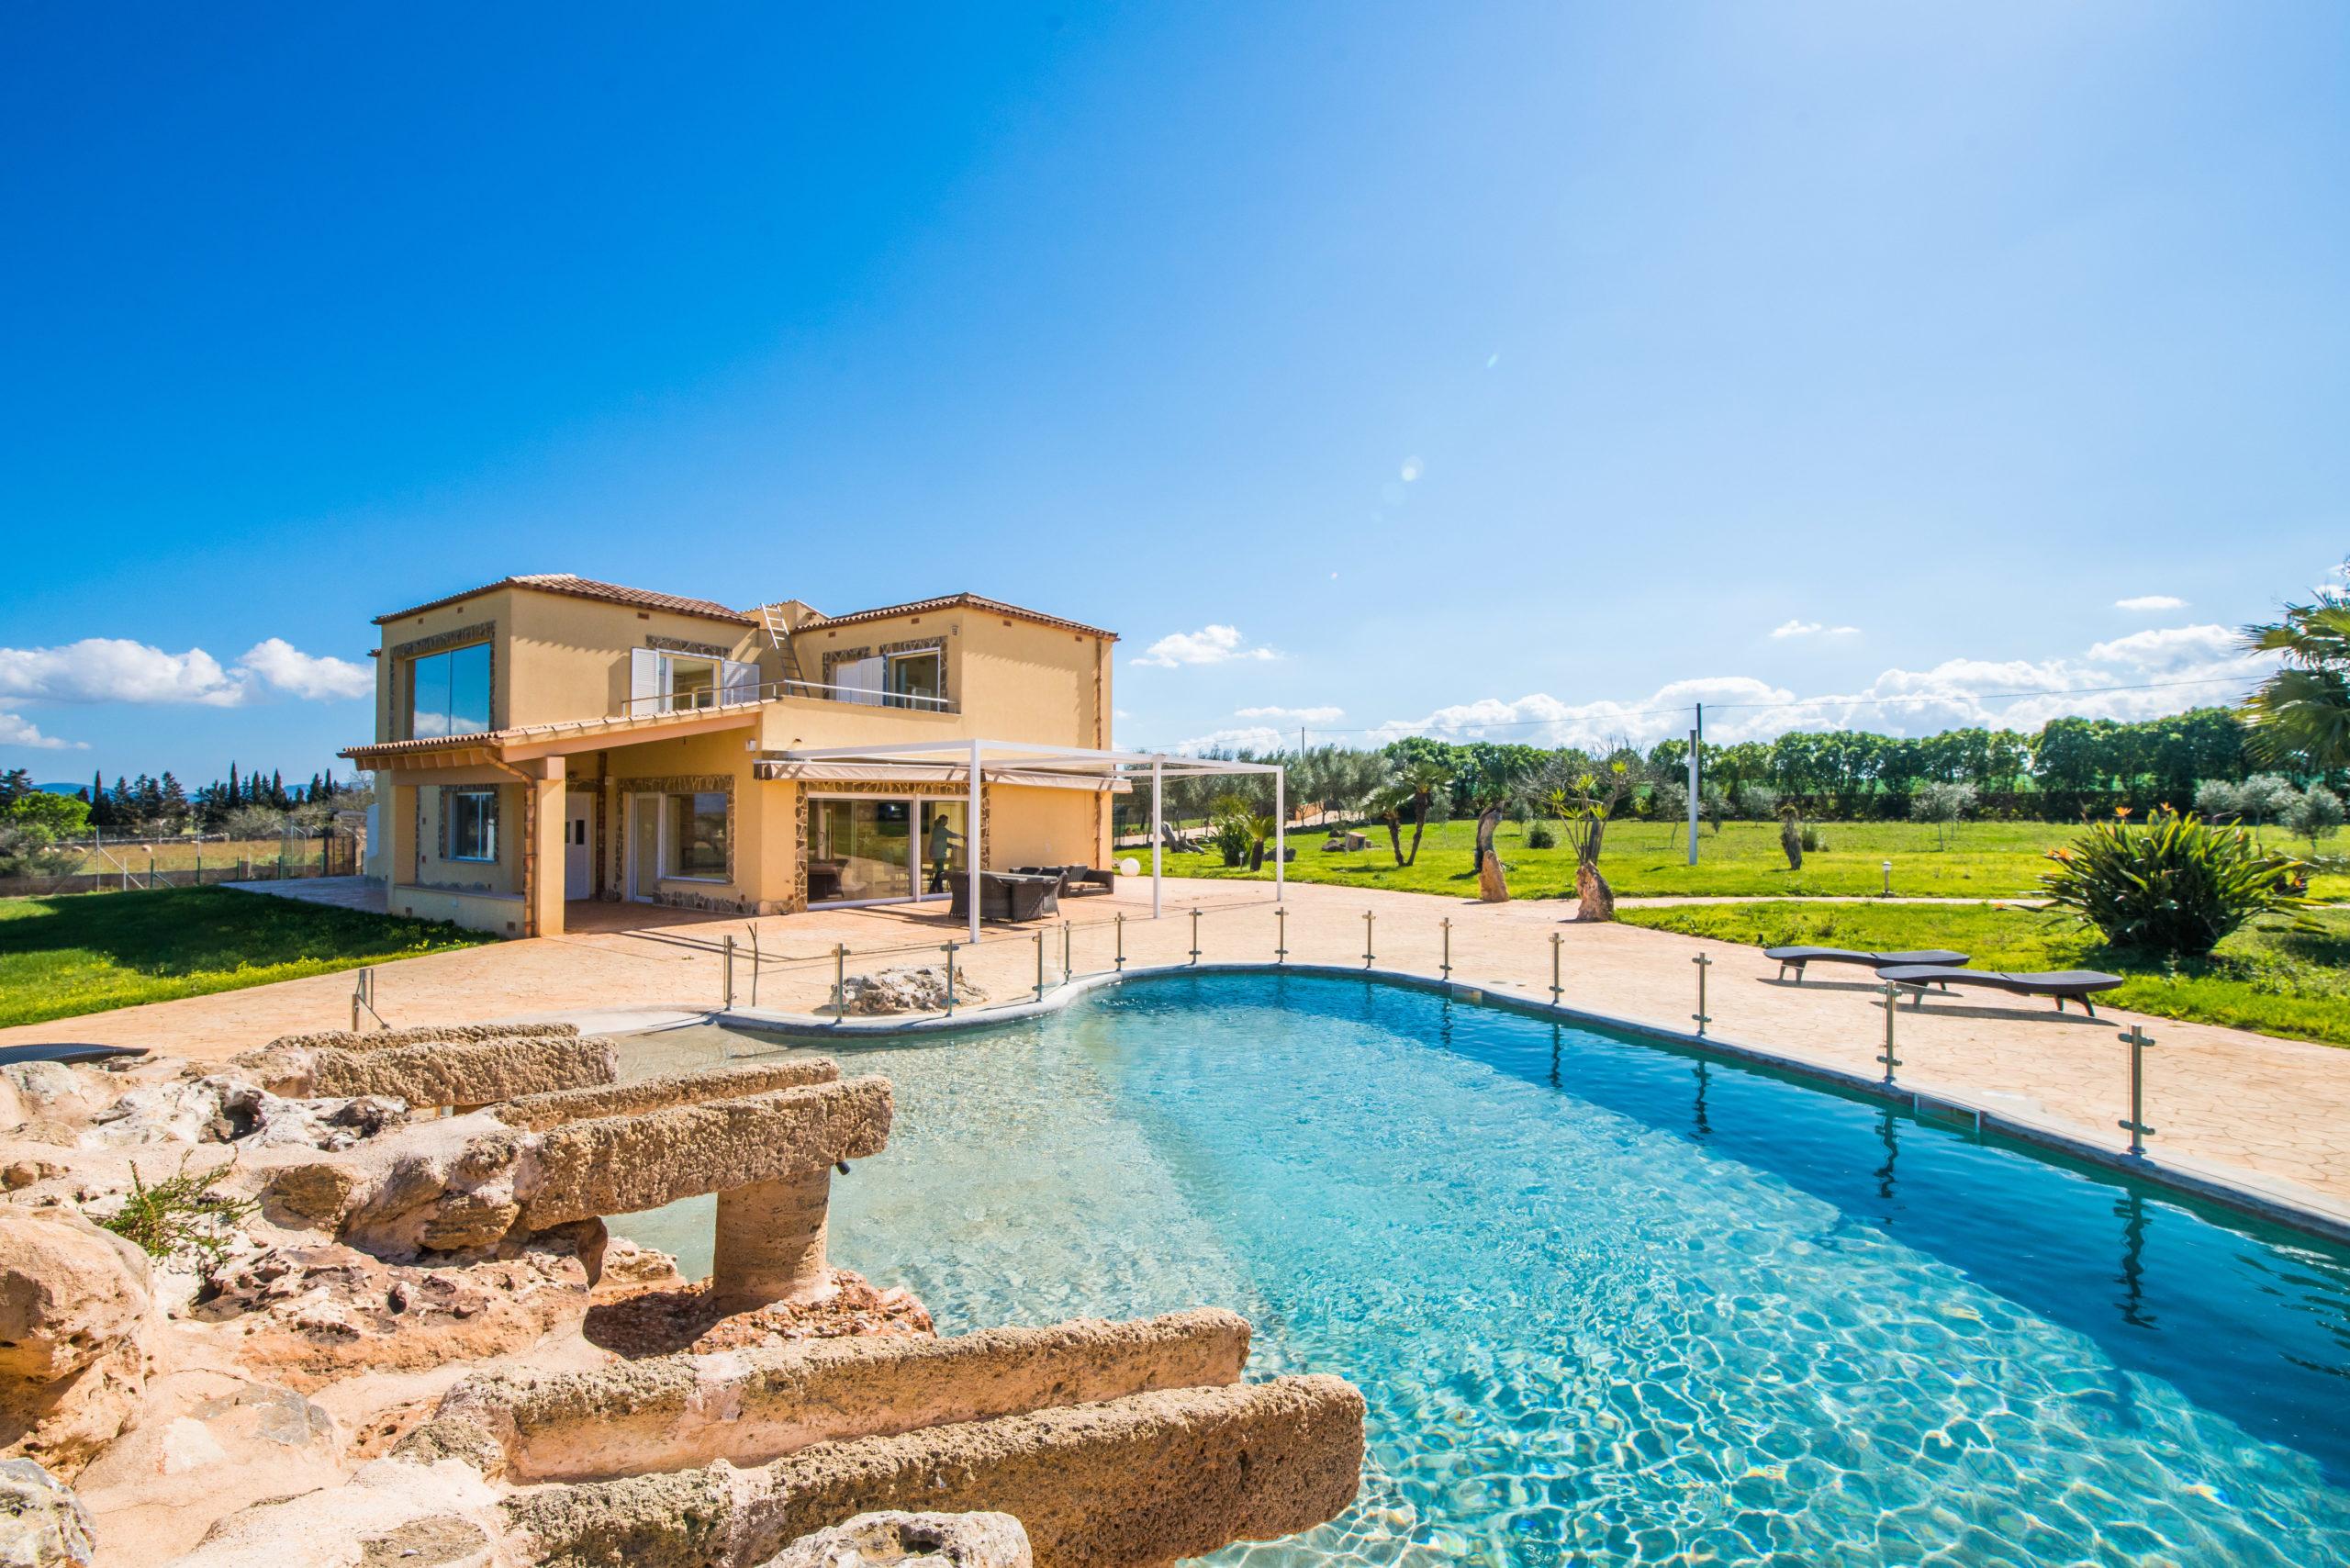 Fincas, chalets y pisos. Cuando se trata de propiedades vacacionales, Mallorca está entre las primeras opciones de los compradores.